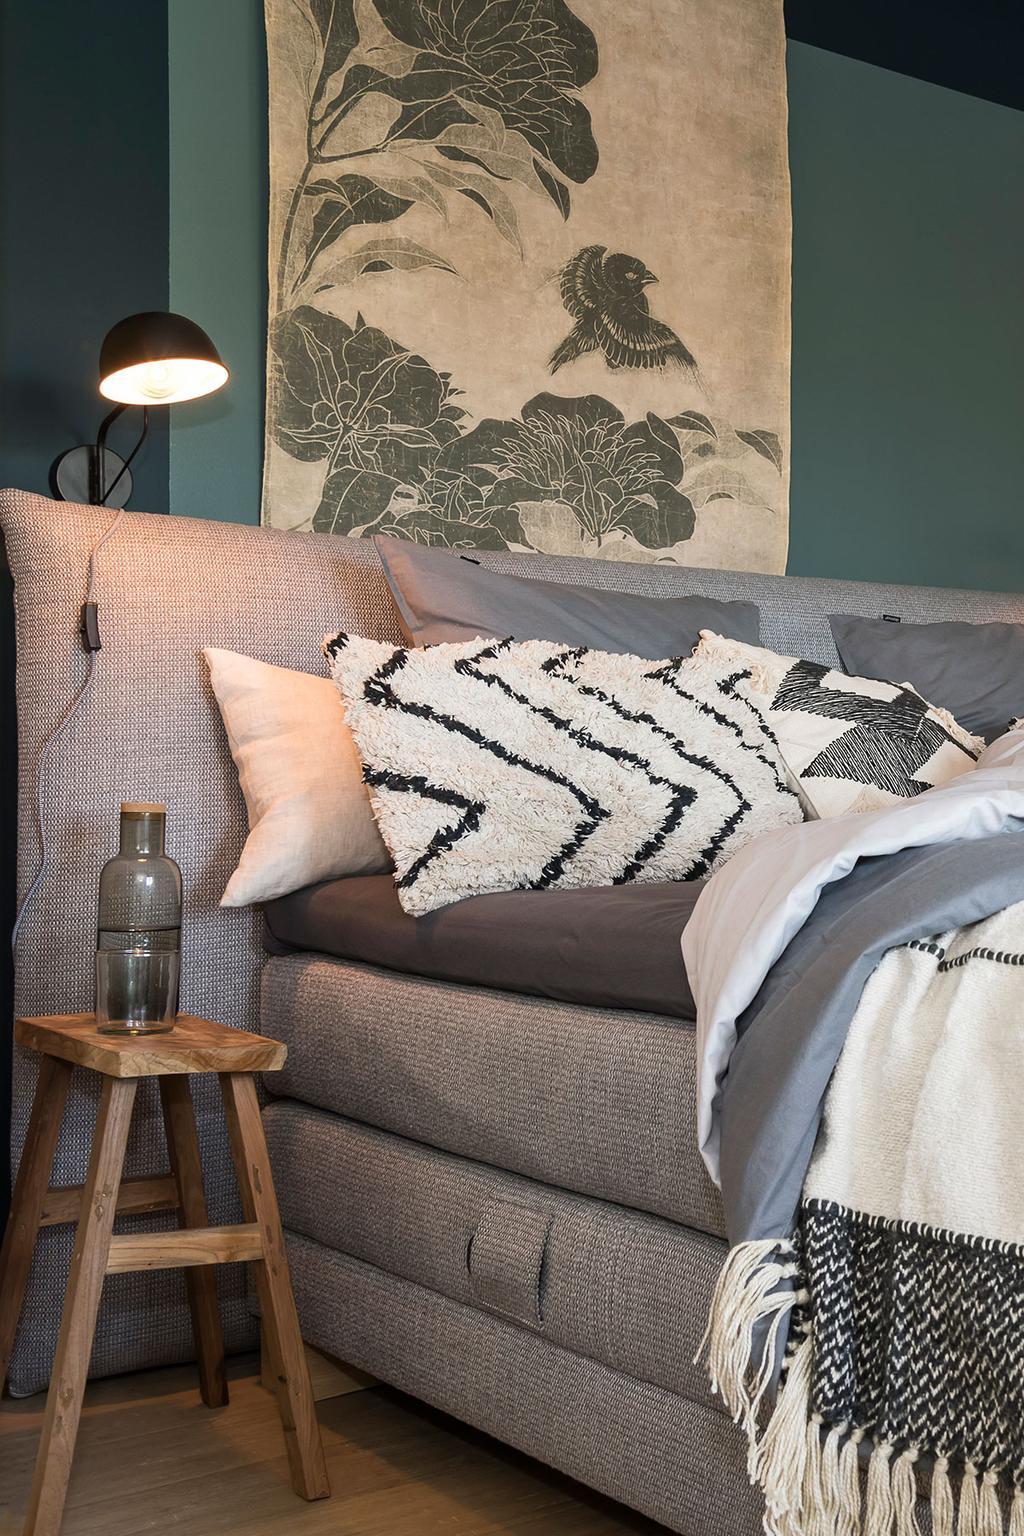 Groene muur en boxspring van Beter Bed in de slaapkamer van Carlo en Carolien uit de achtste aflevering van het tweede seizoen van 'Een frisse start met vtwonen'.